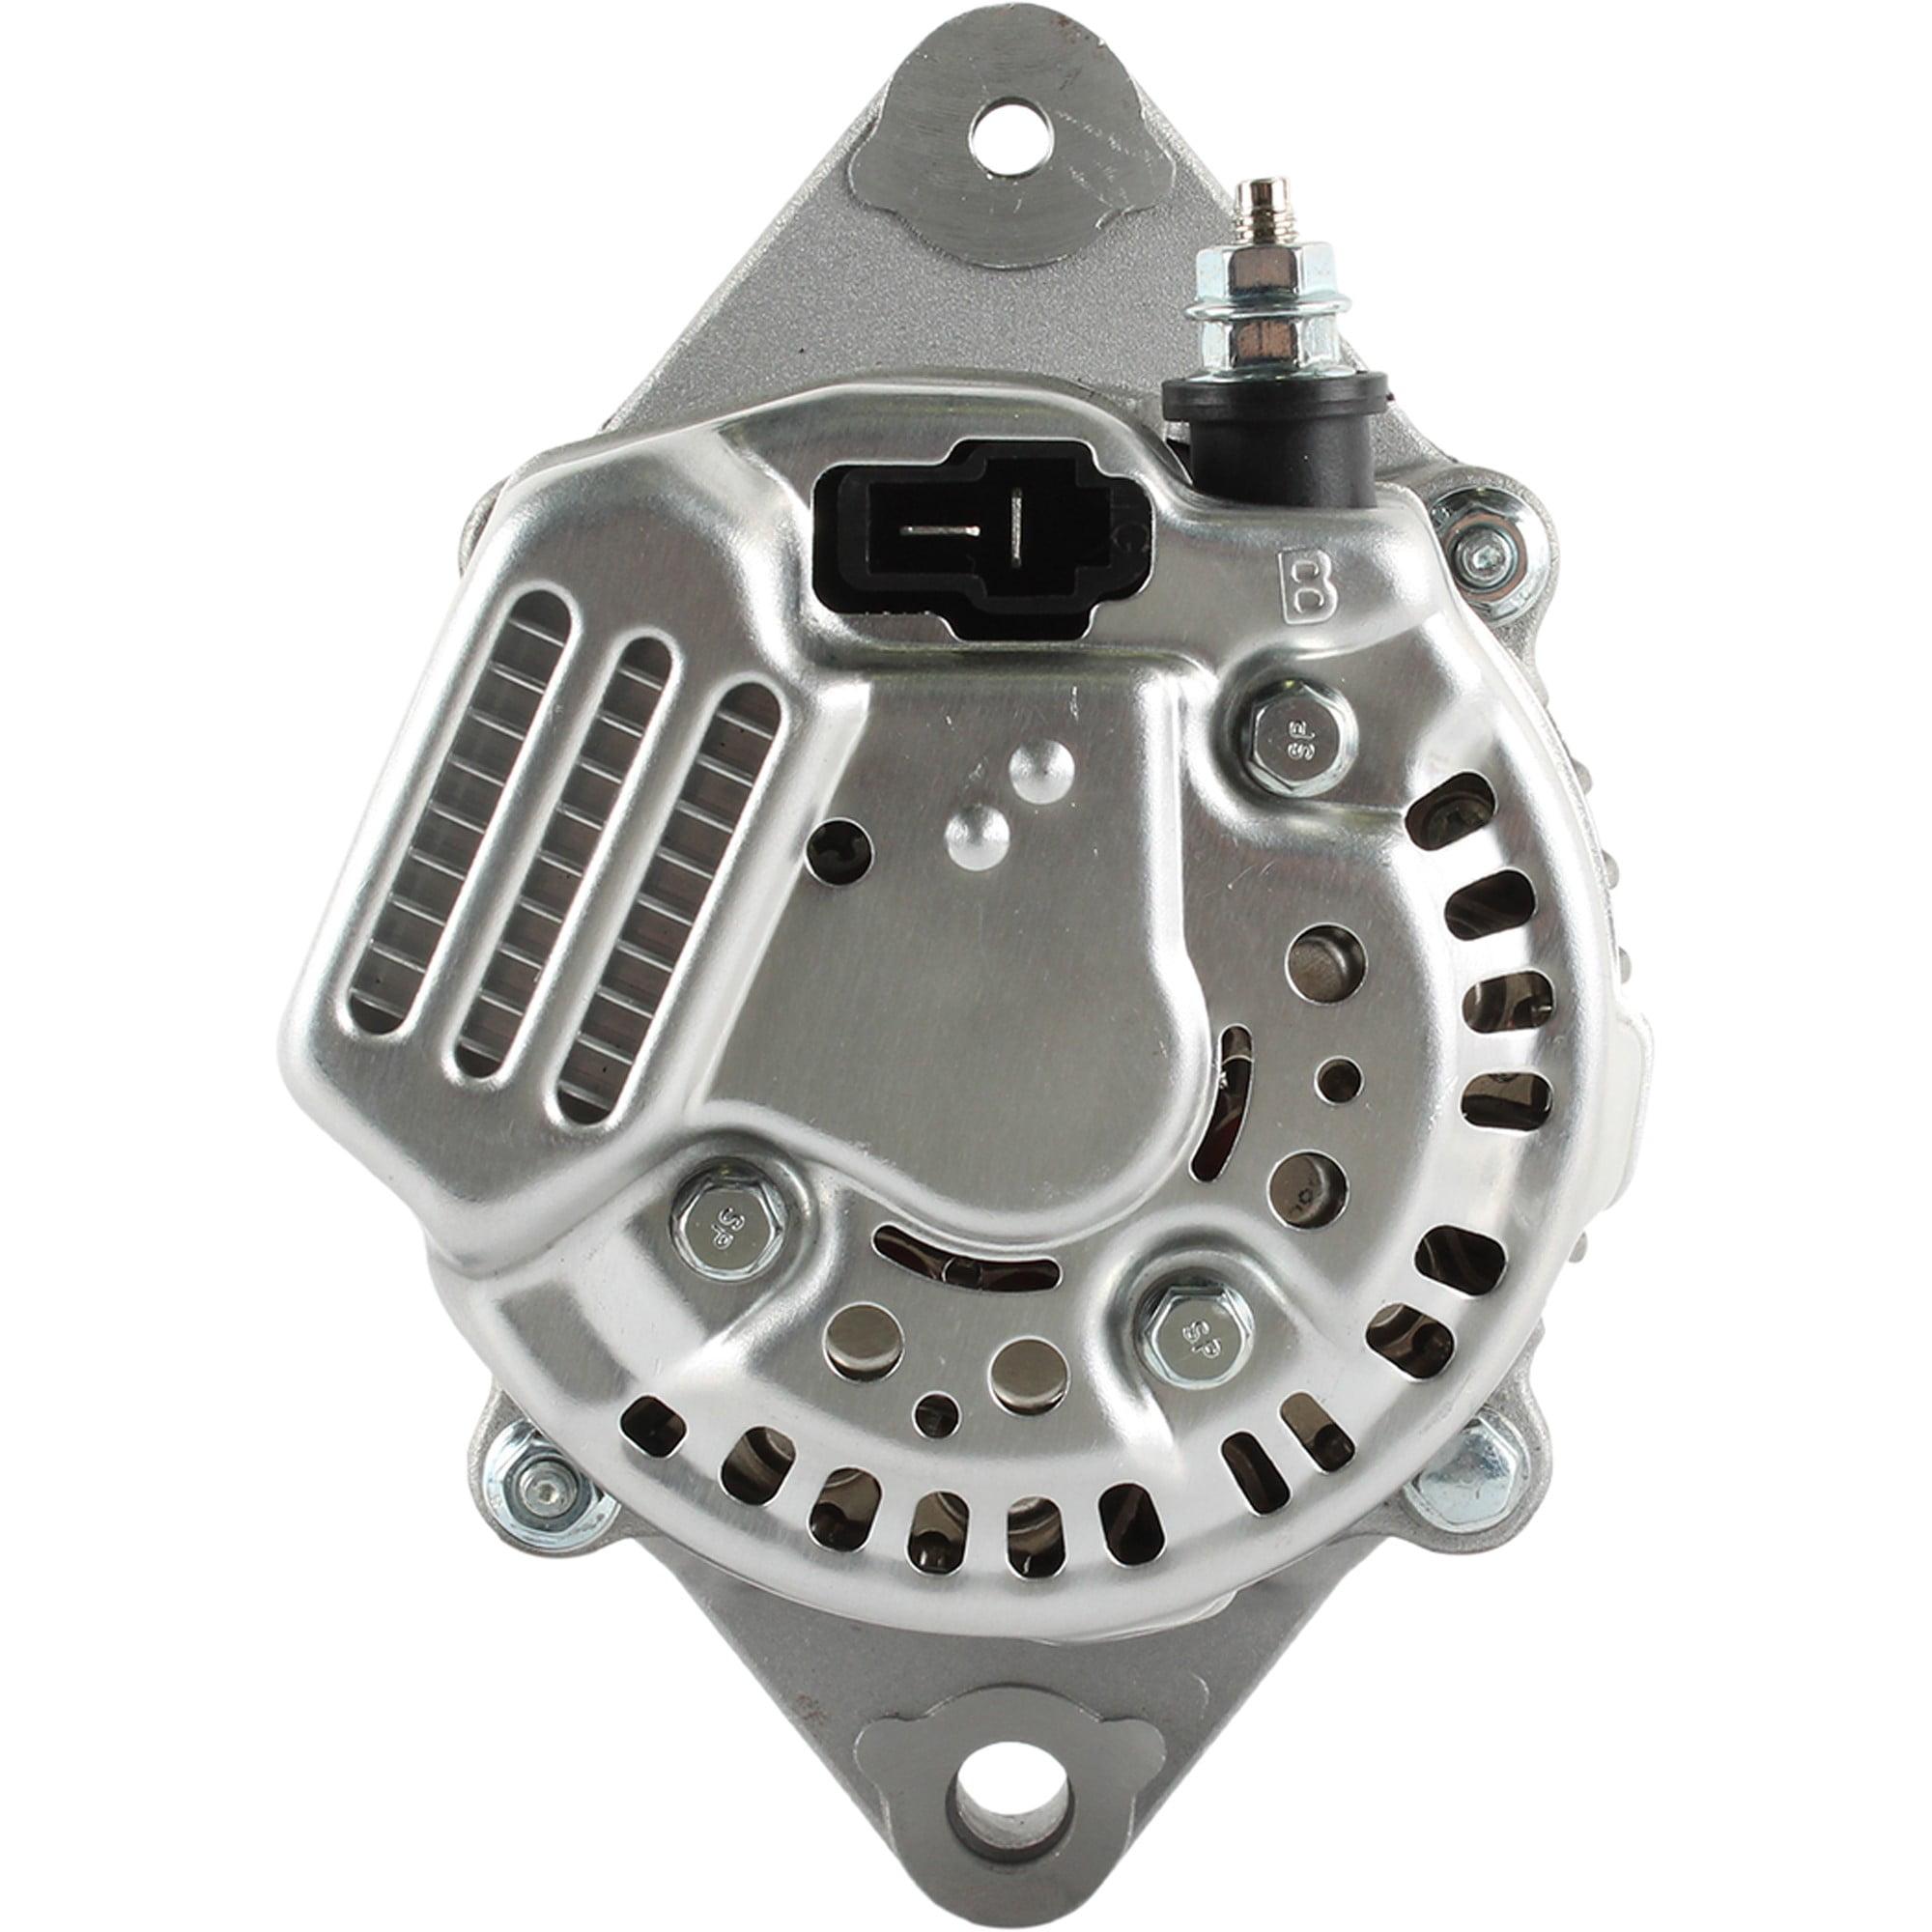 New Alternator For Yanmar ; 12-Volt; 45 Amp 119254-77200 101211-2841